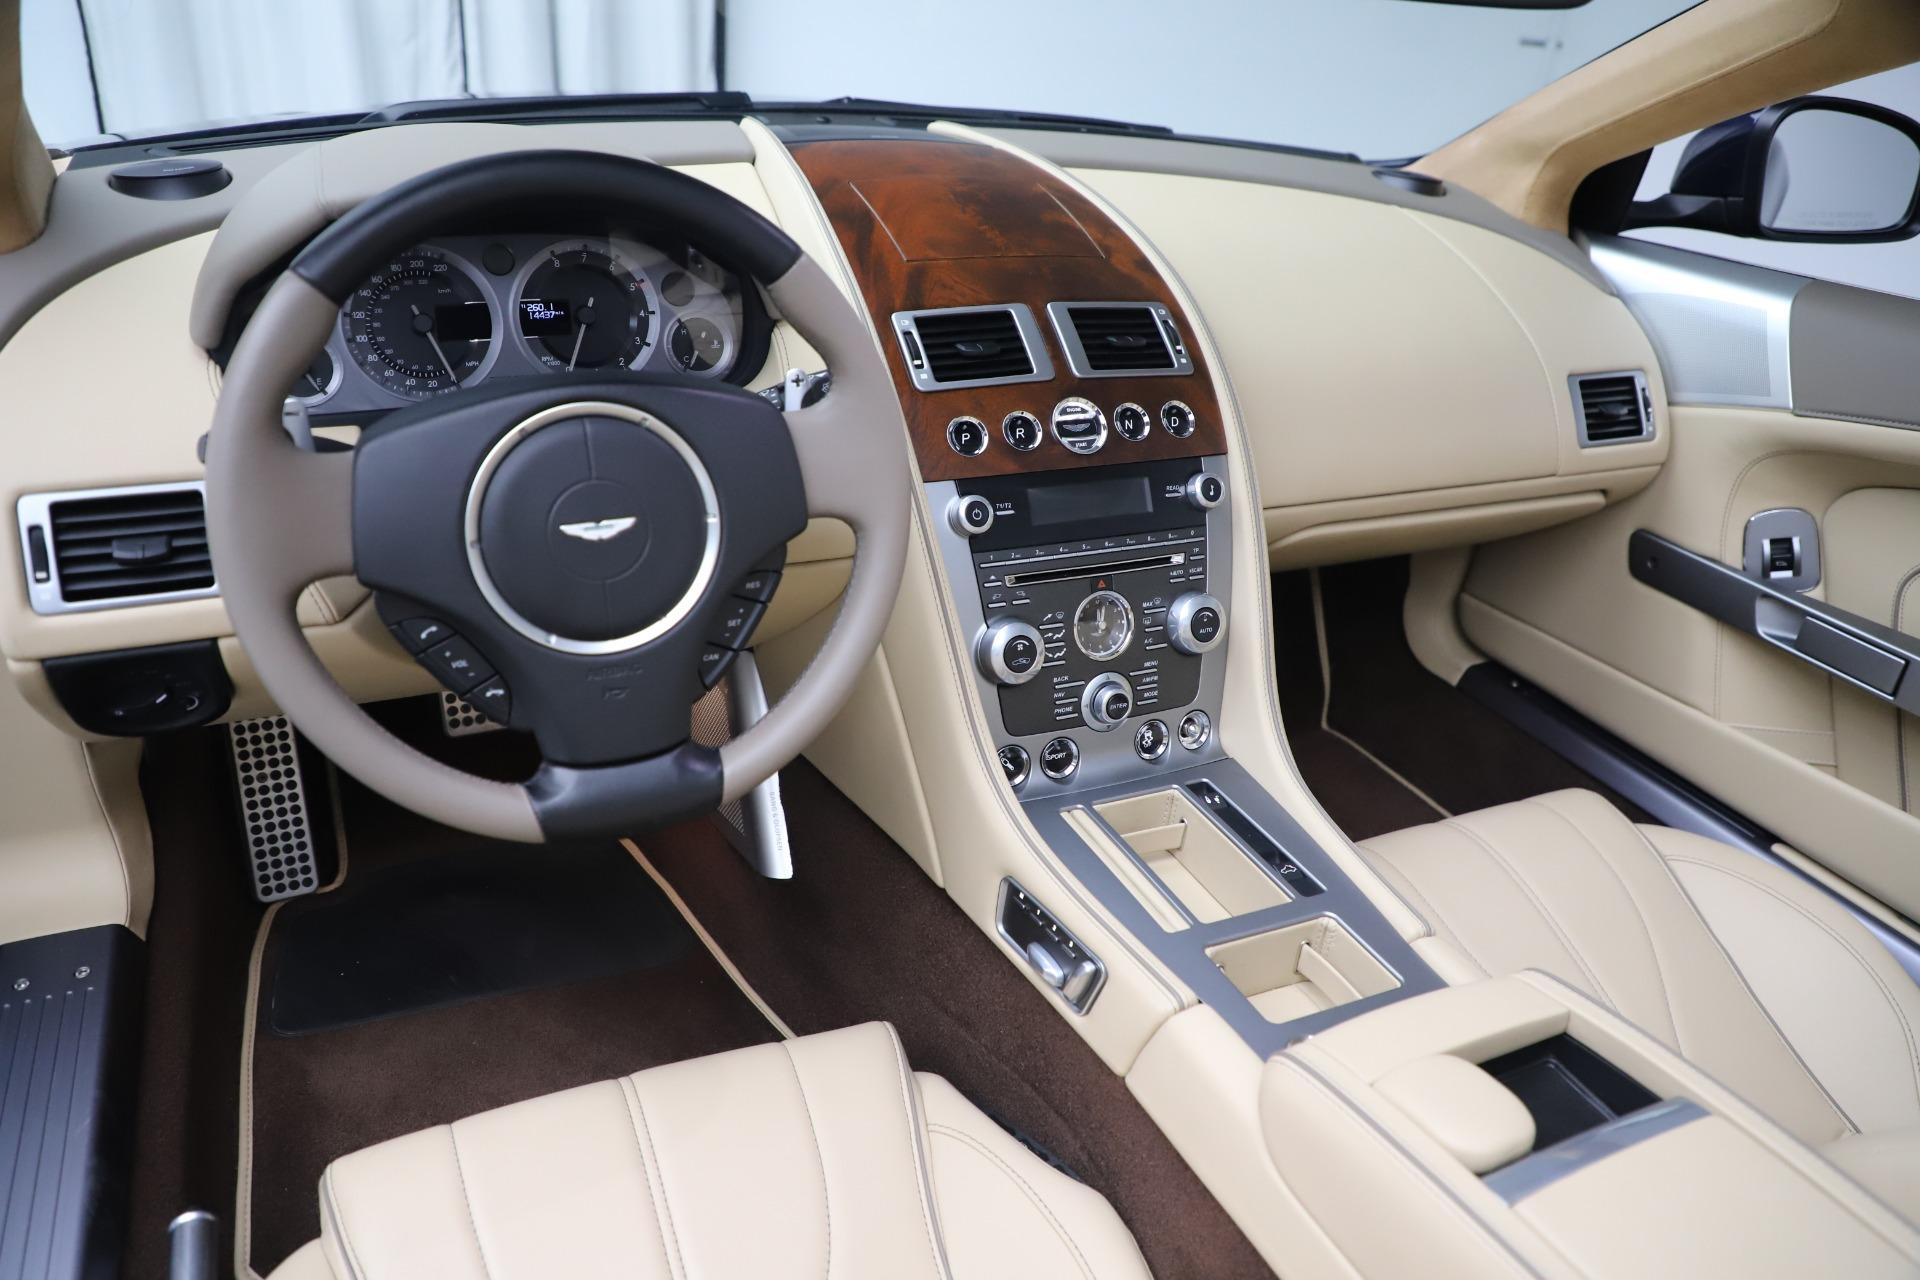 Used 2014 Aston Martin DB9 Volante For Sale In Greenwich, CT 3591_p19